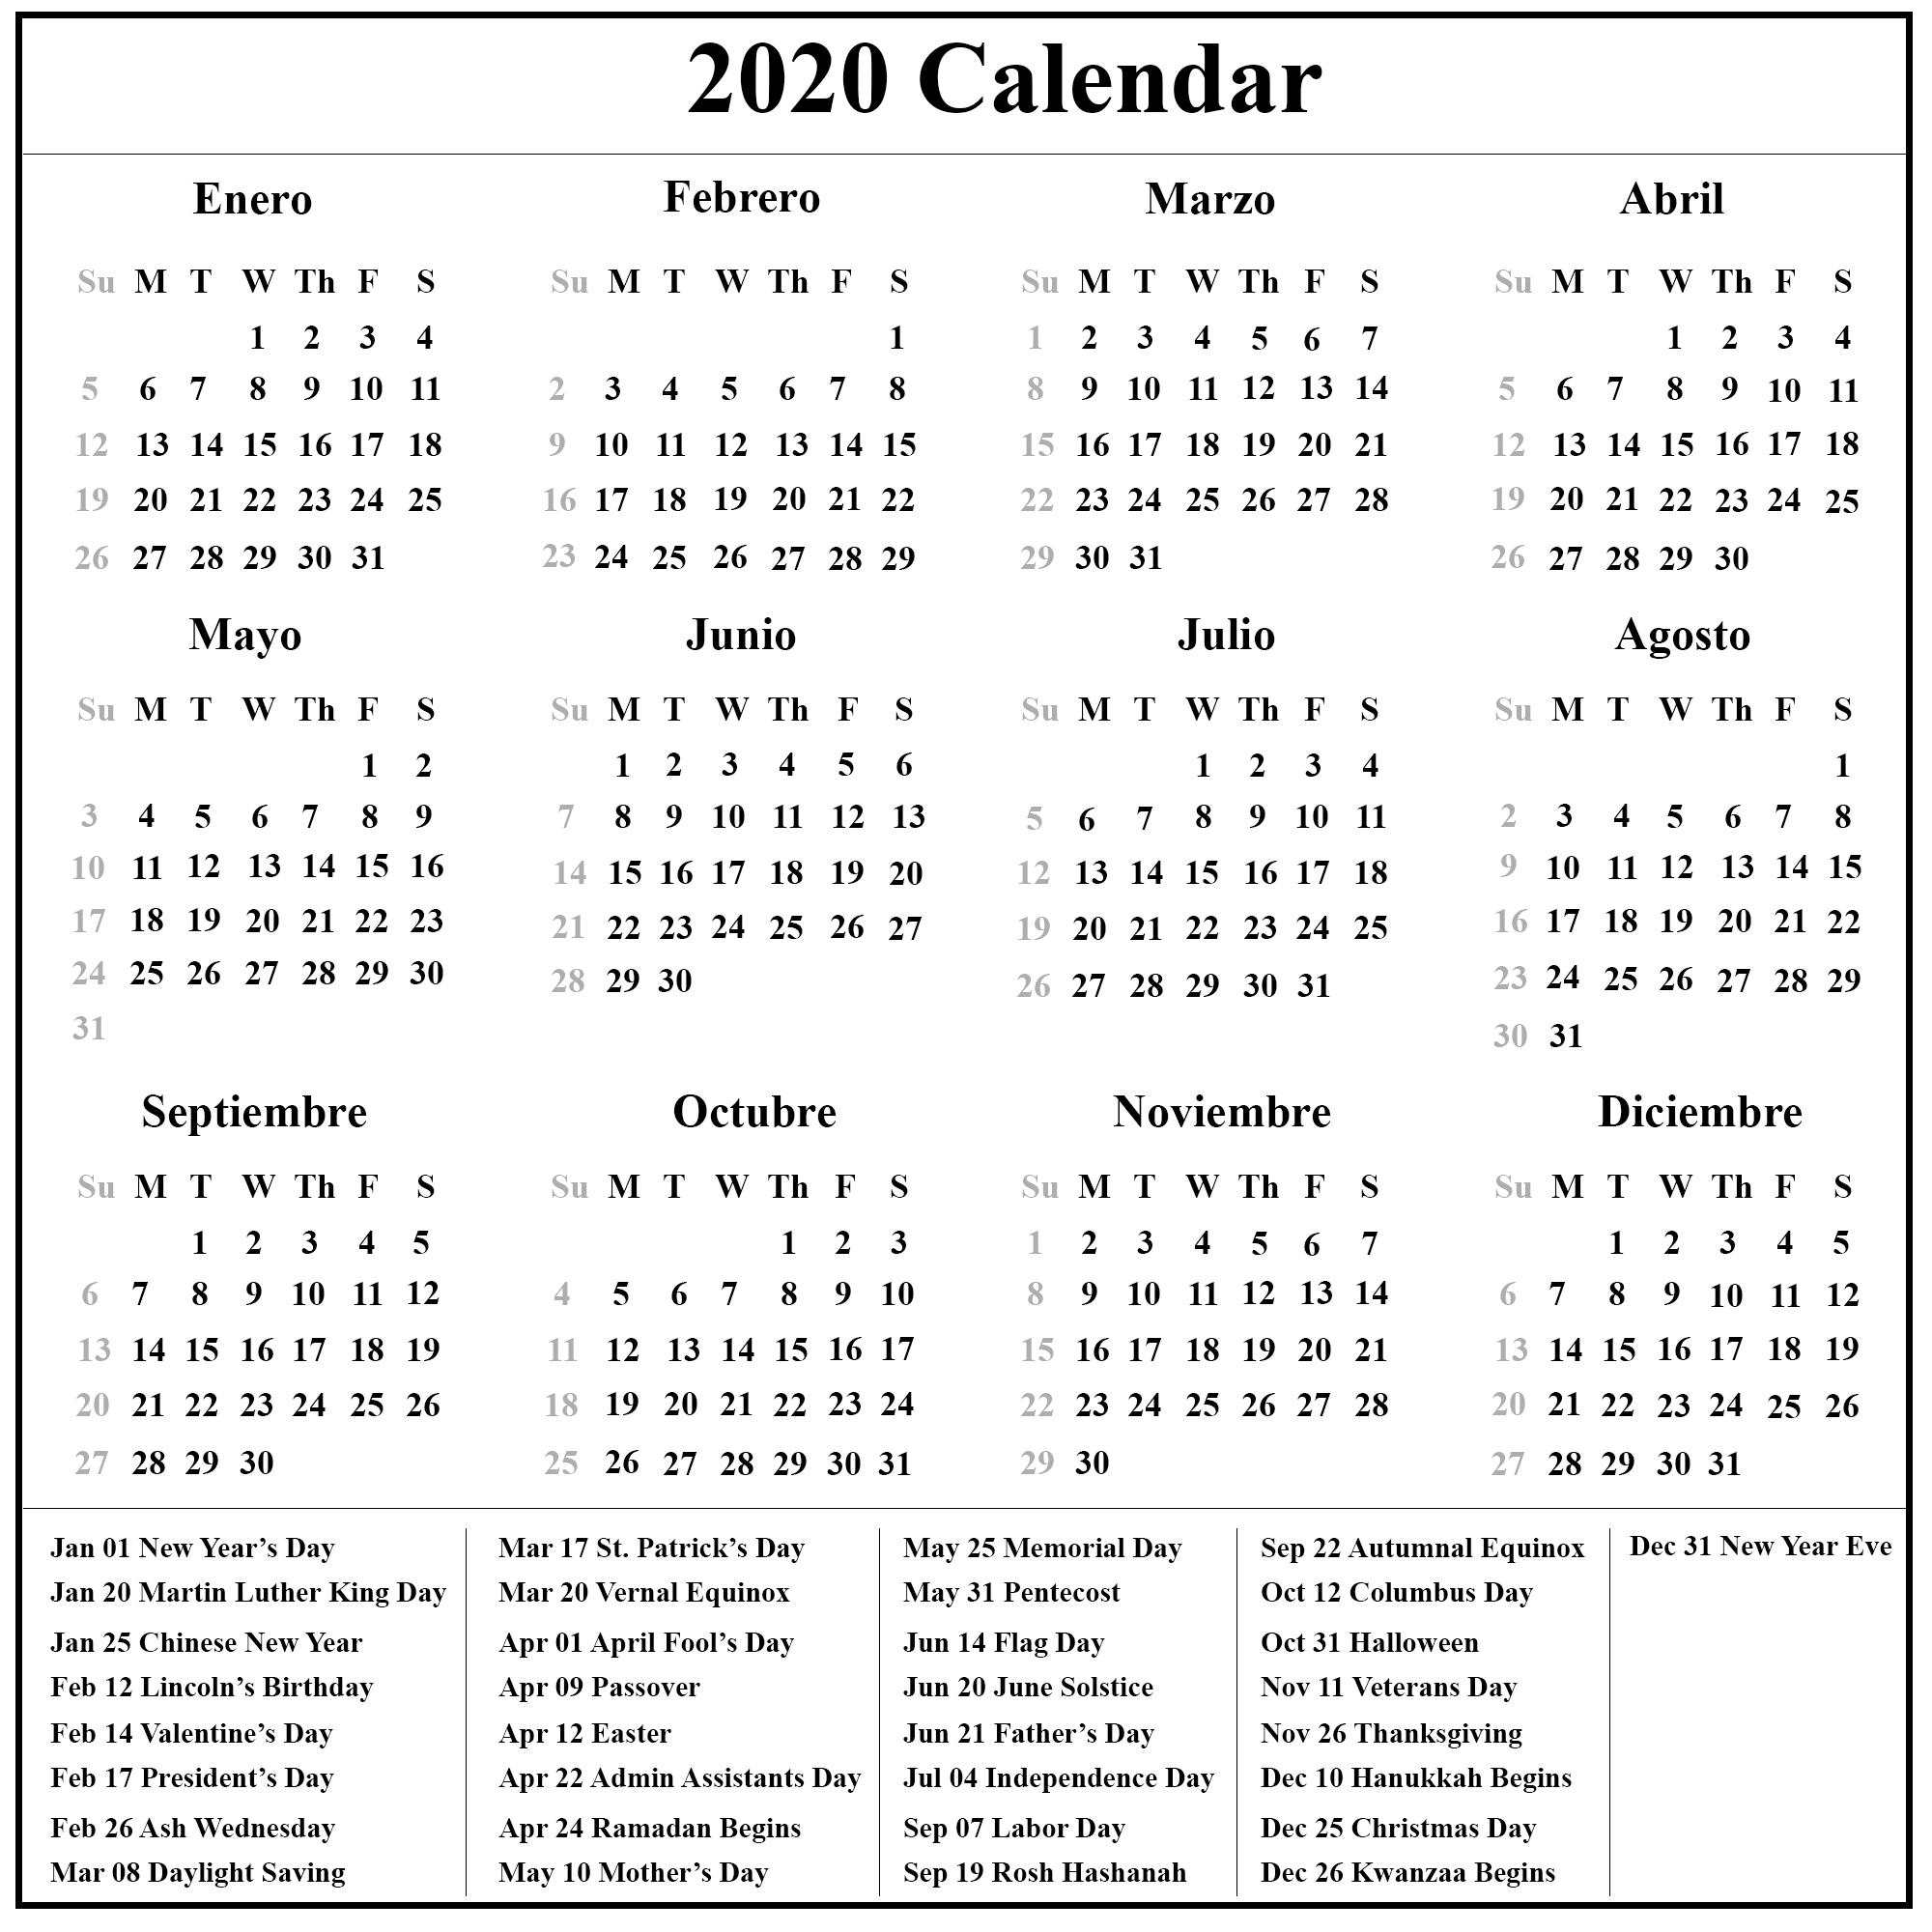 Spanish Calendar 2020| 2020 Calendario | Calendar Top-Bank Holidays 2020 Europe Calendar